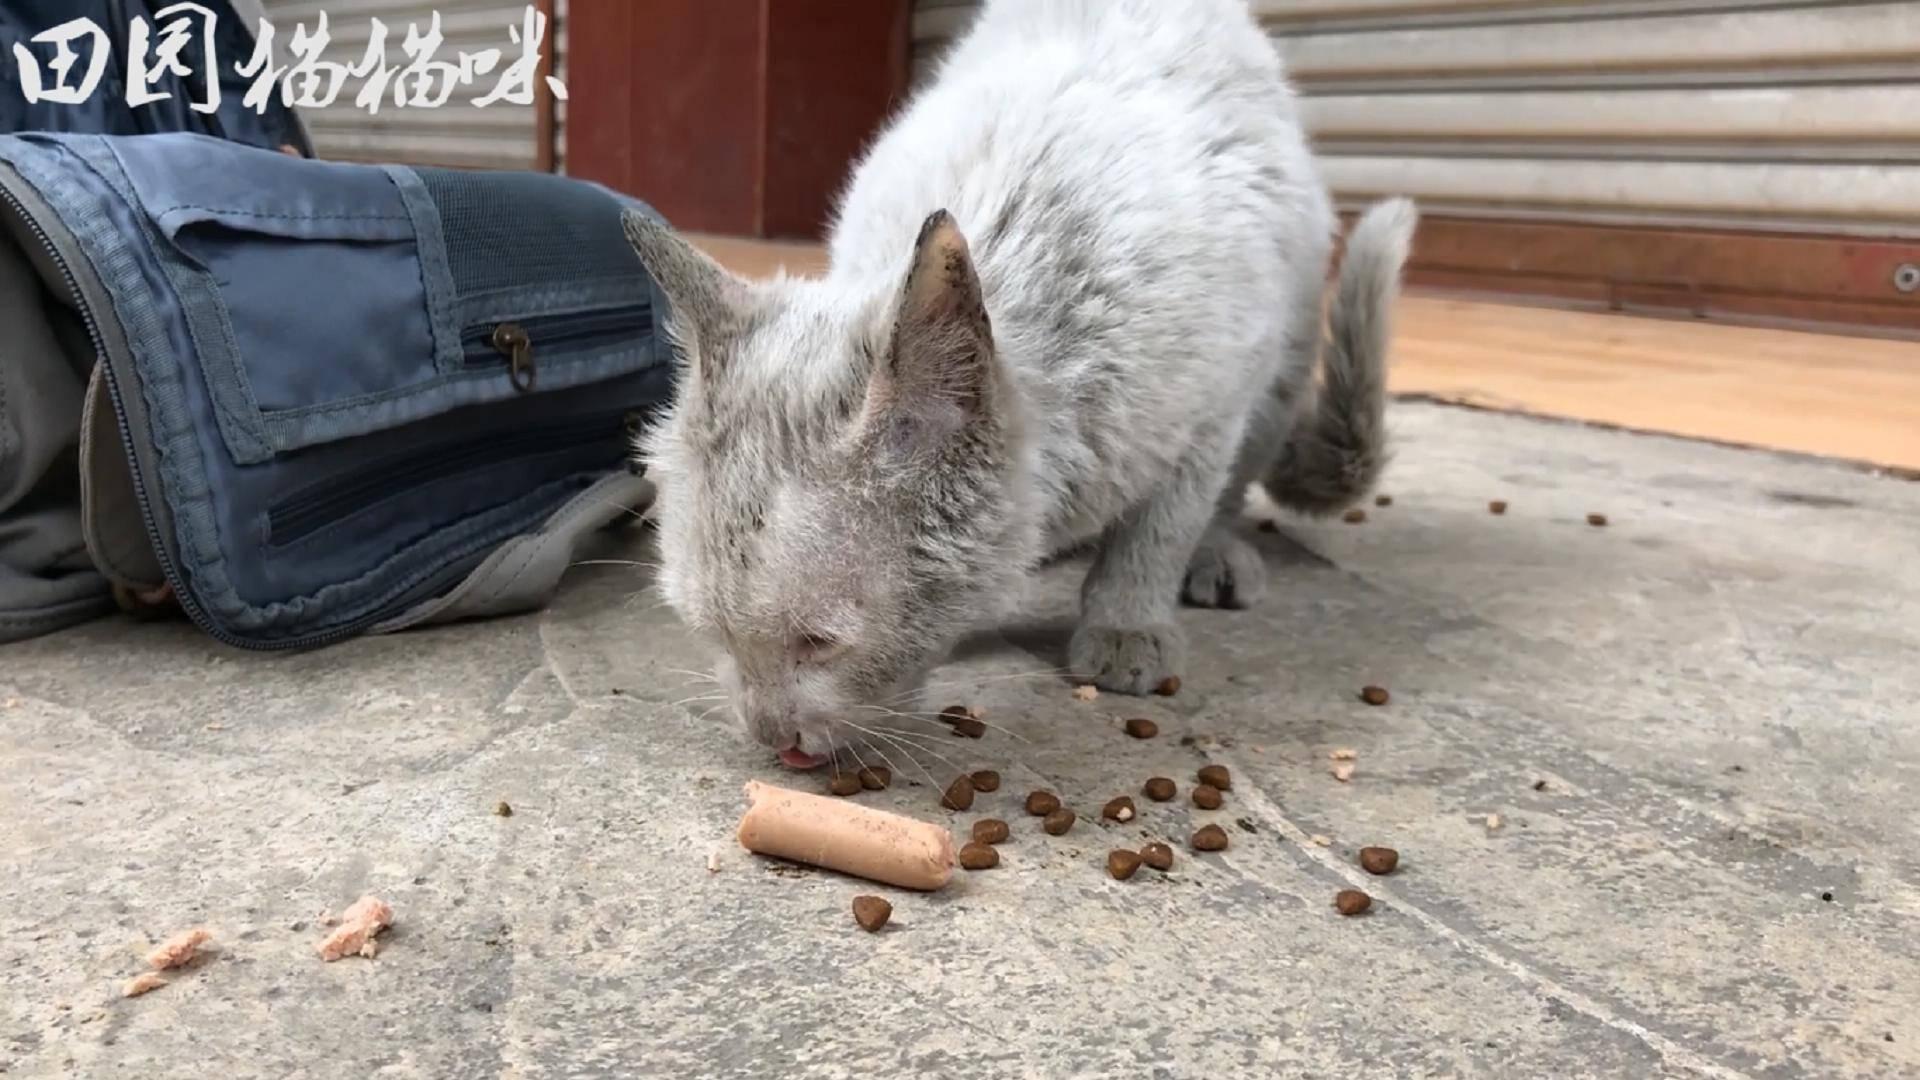 流浪猫:捡到一只白猫全身脏兮兮的,非常可爱还很粘人